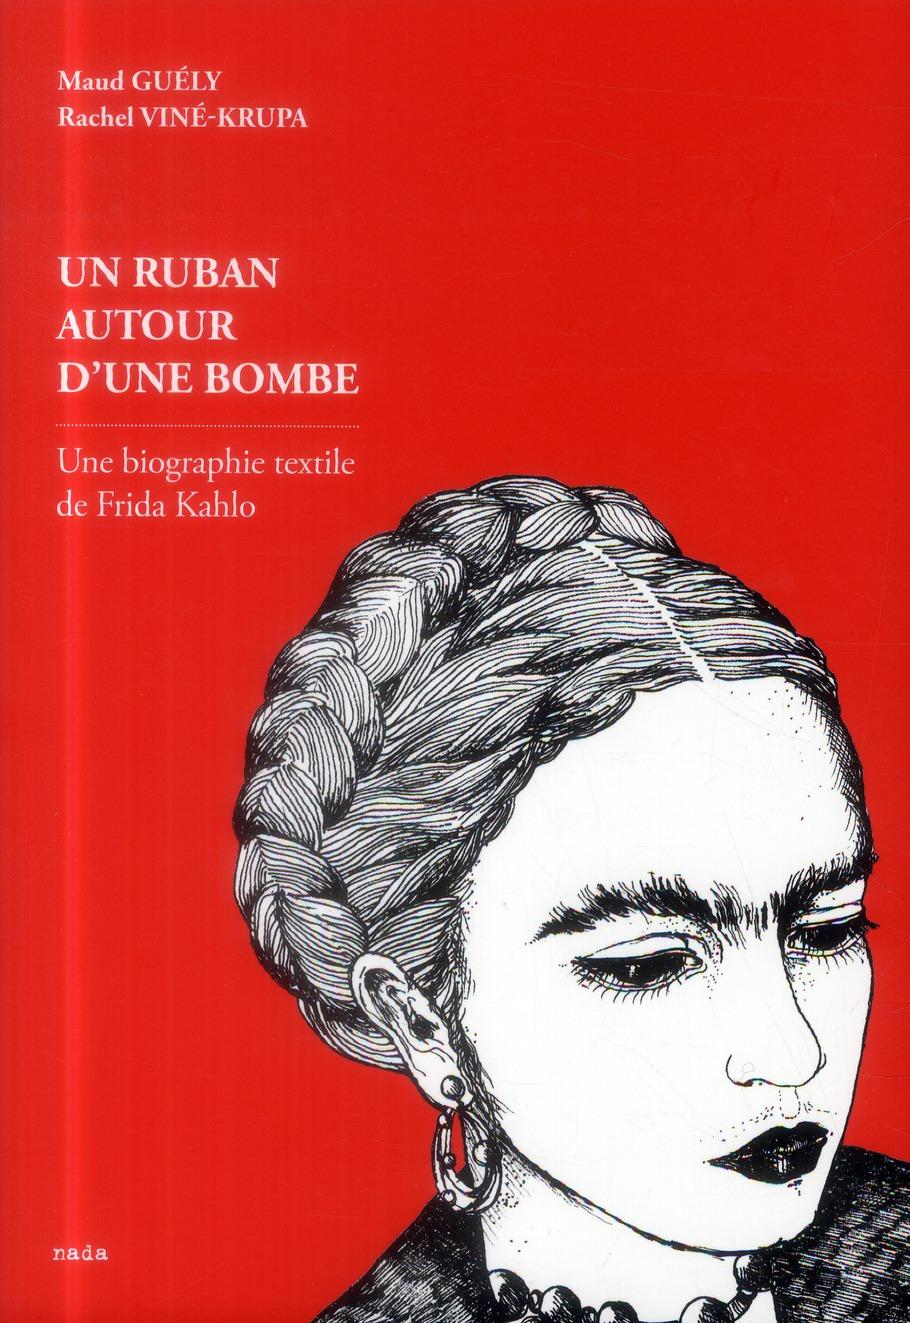 RUBAN AUTOUR D'UNE BOMBE. UNE BIOGRAPHIE TEXTILE DE FRIDA KAHLO (UN)